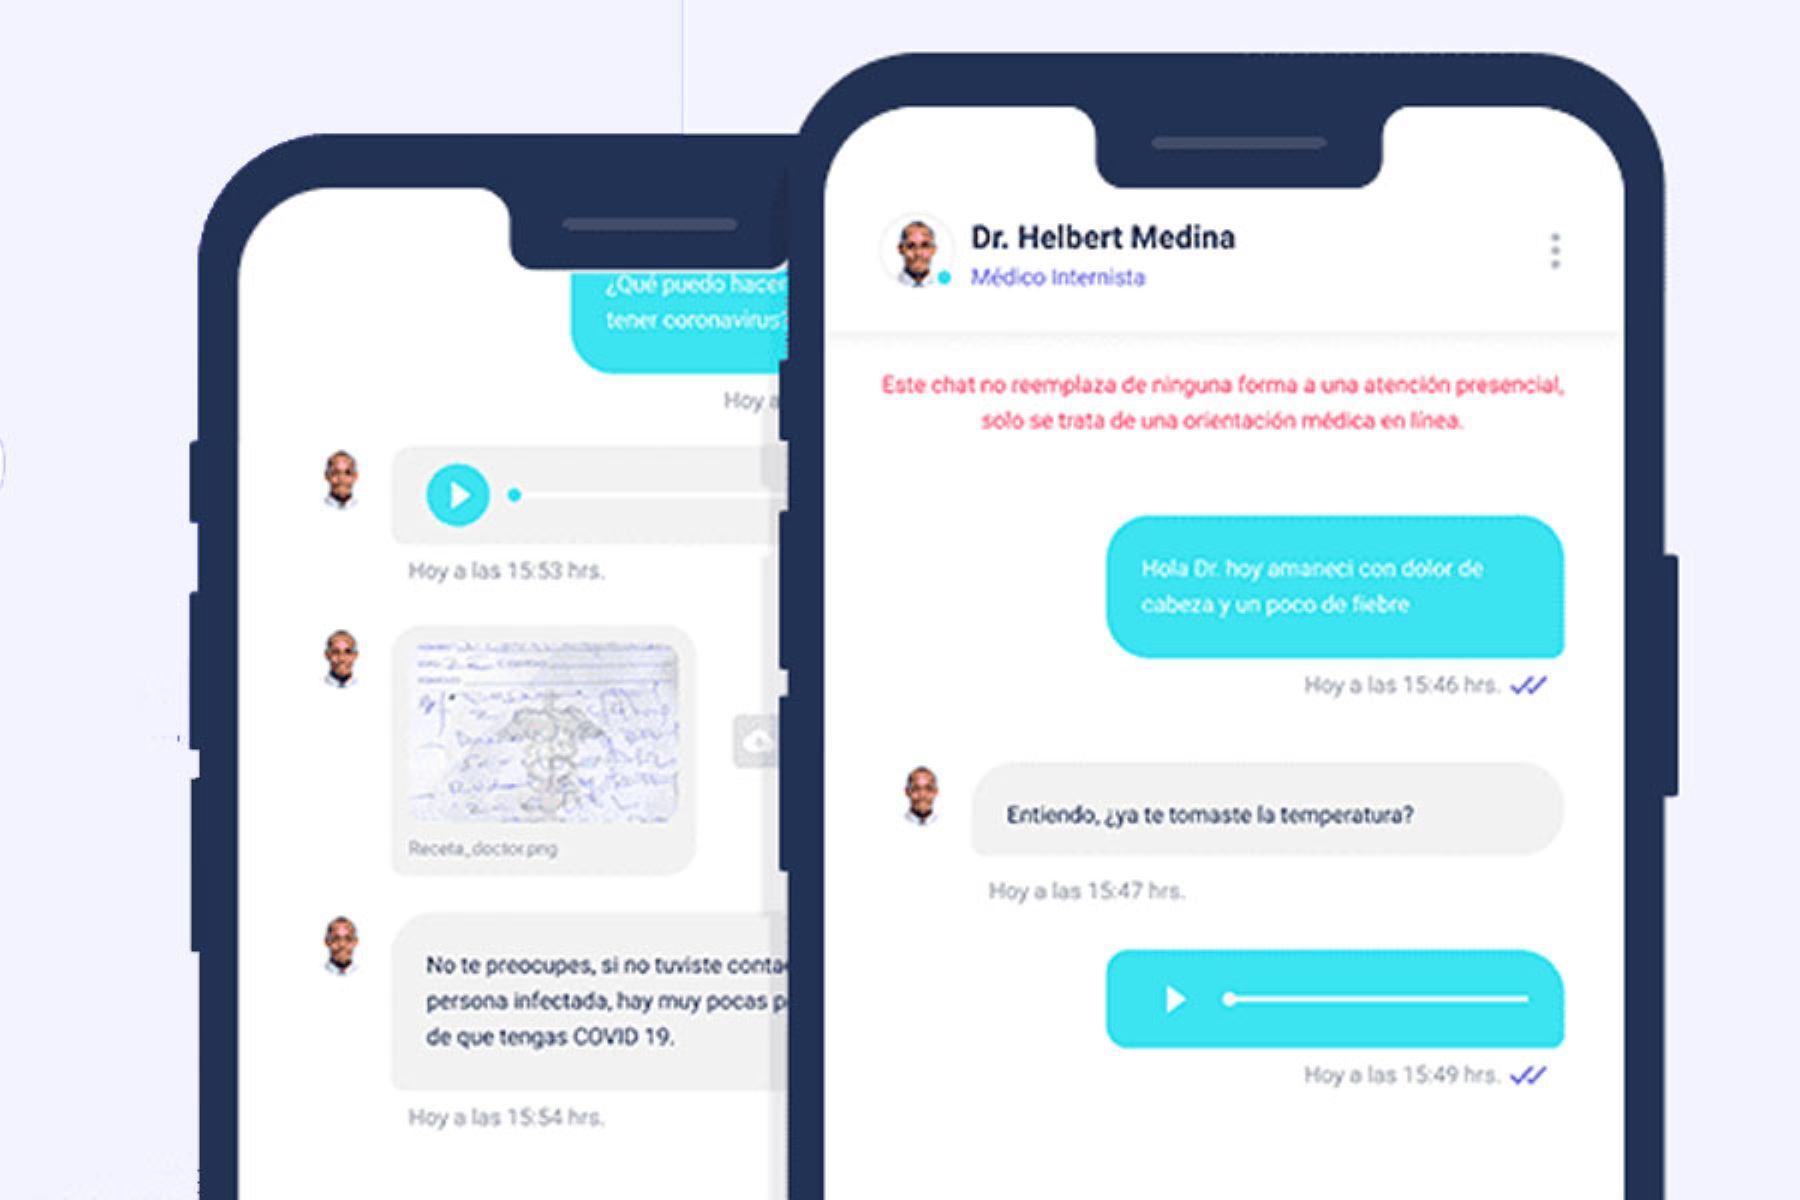 Los pacientes deberán indicar sus síntomas a través de chats privados en la app.